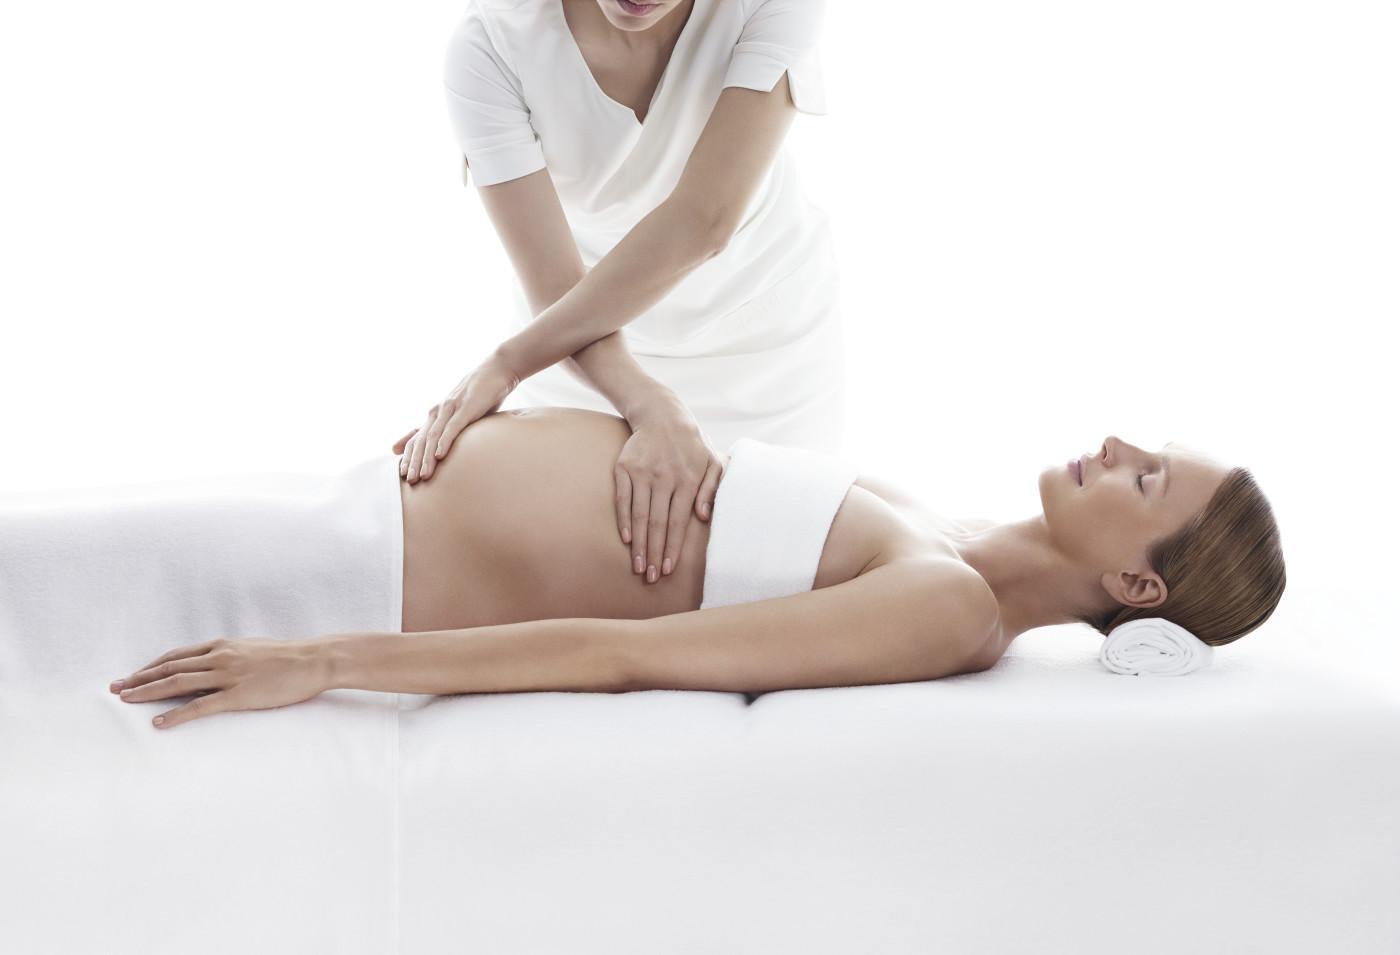 Institut de beauté soins et massages futures mamans